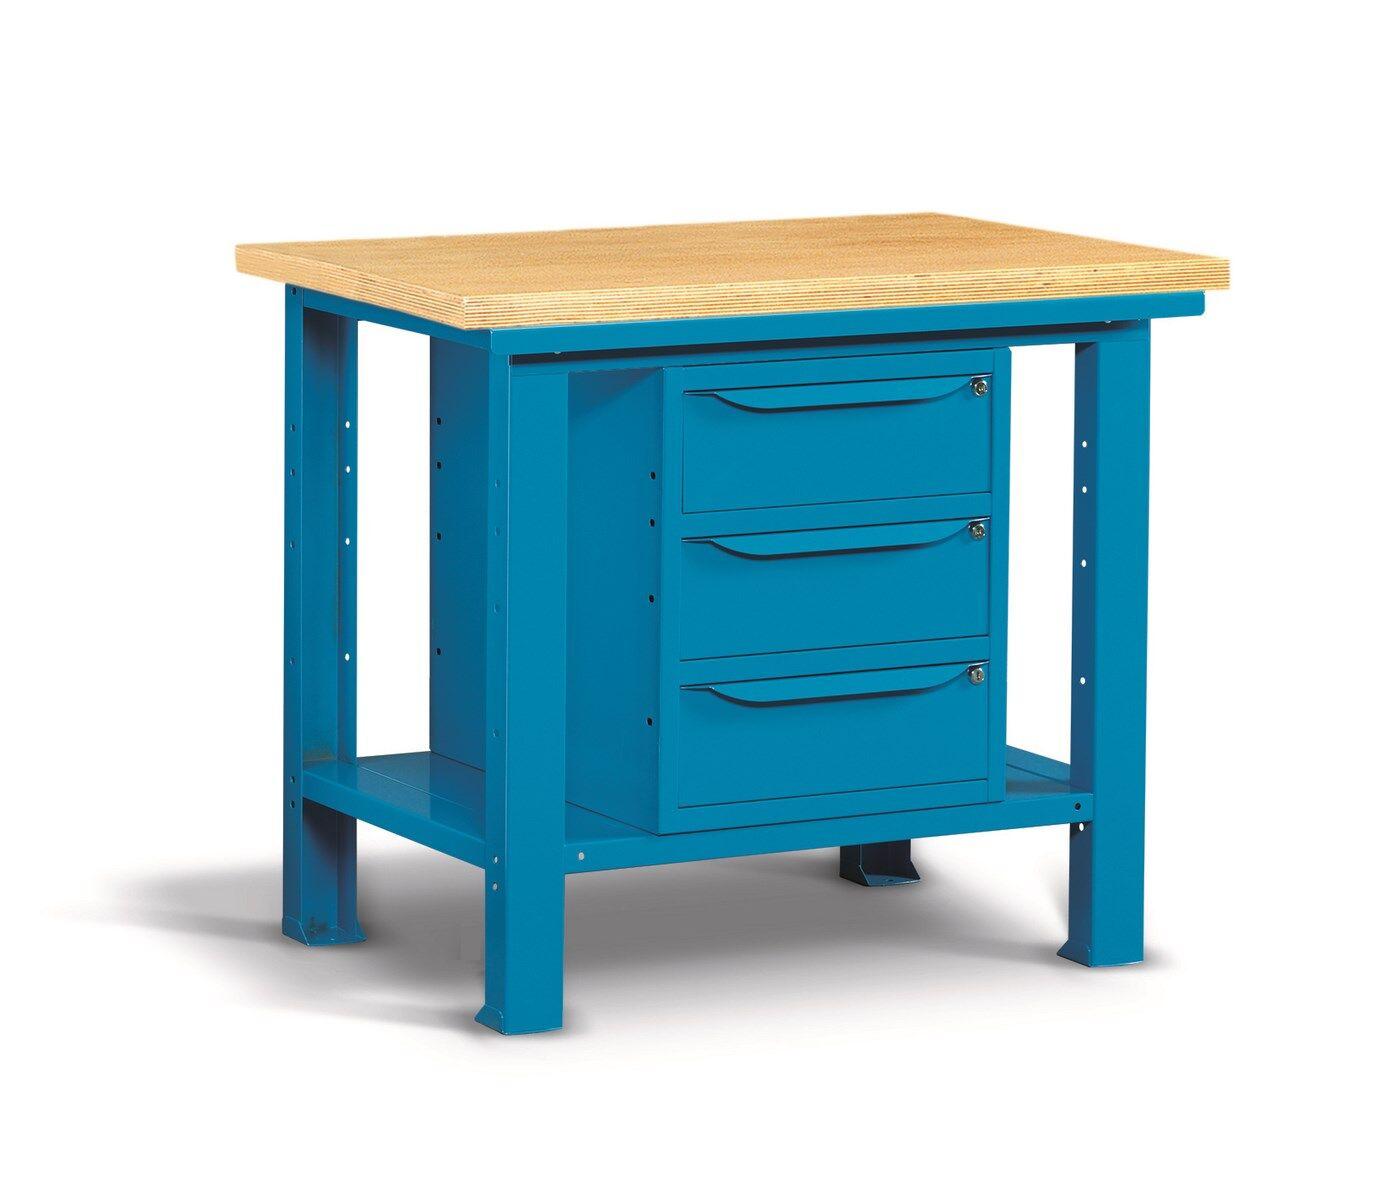 SETAM Etabli d'atelier plateau bois et 3 tiroirs 1m